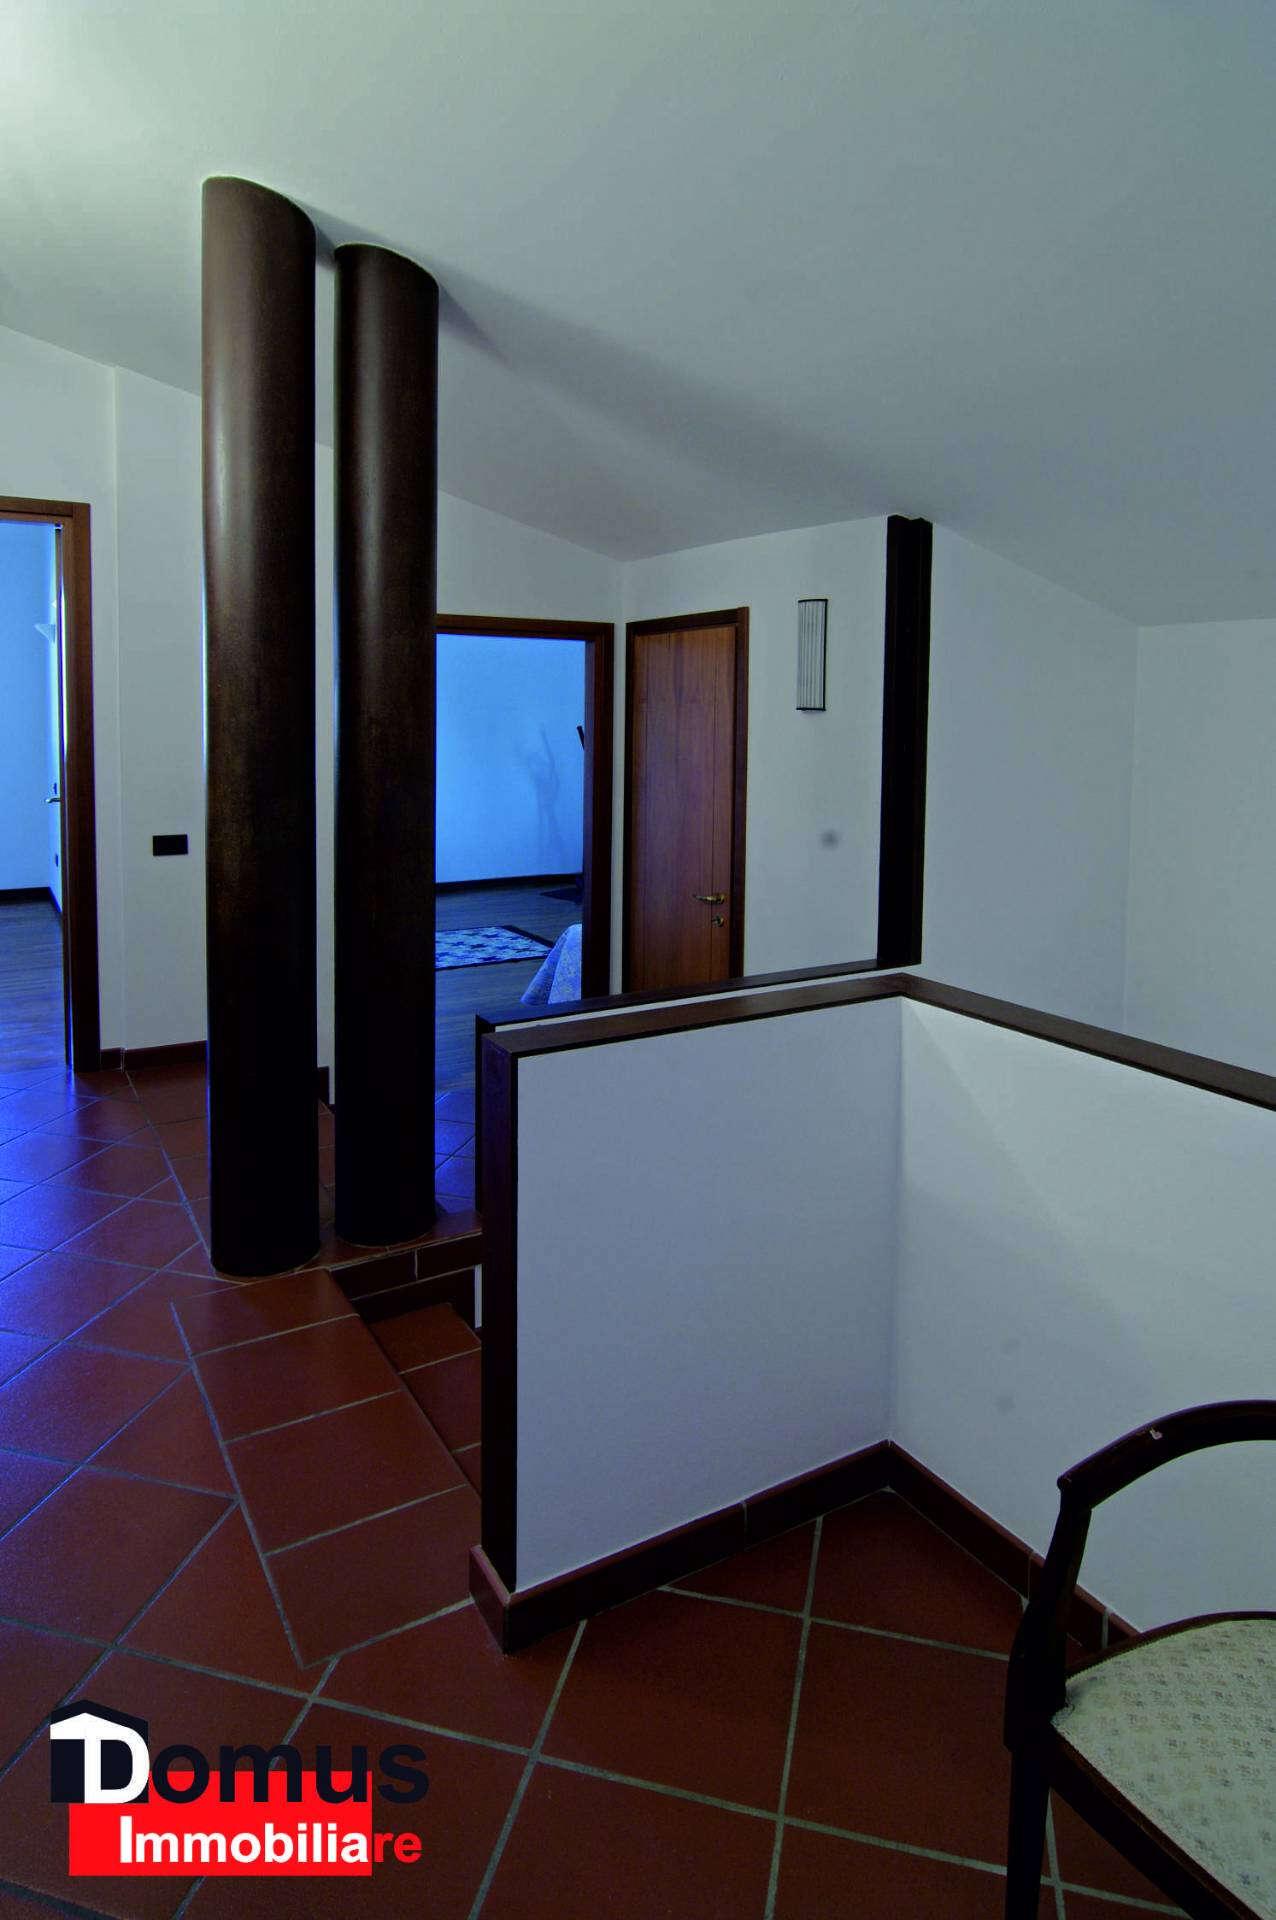 Villa villino in vendita a ferrara corlo divisibile in for Piani di cabina di 800 piedi quadrati